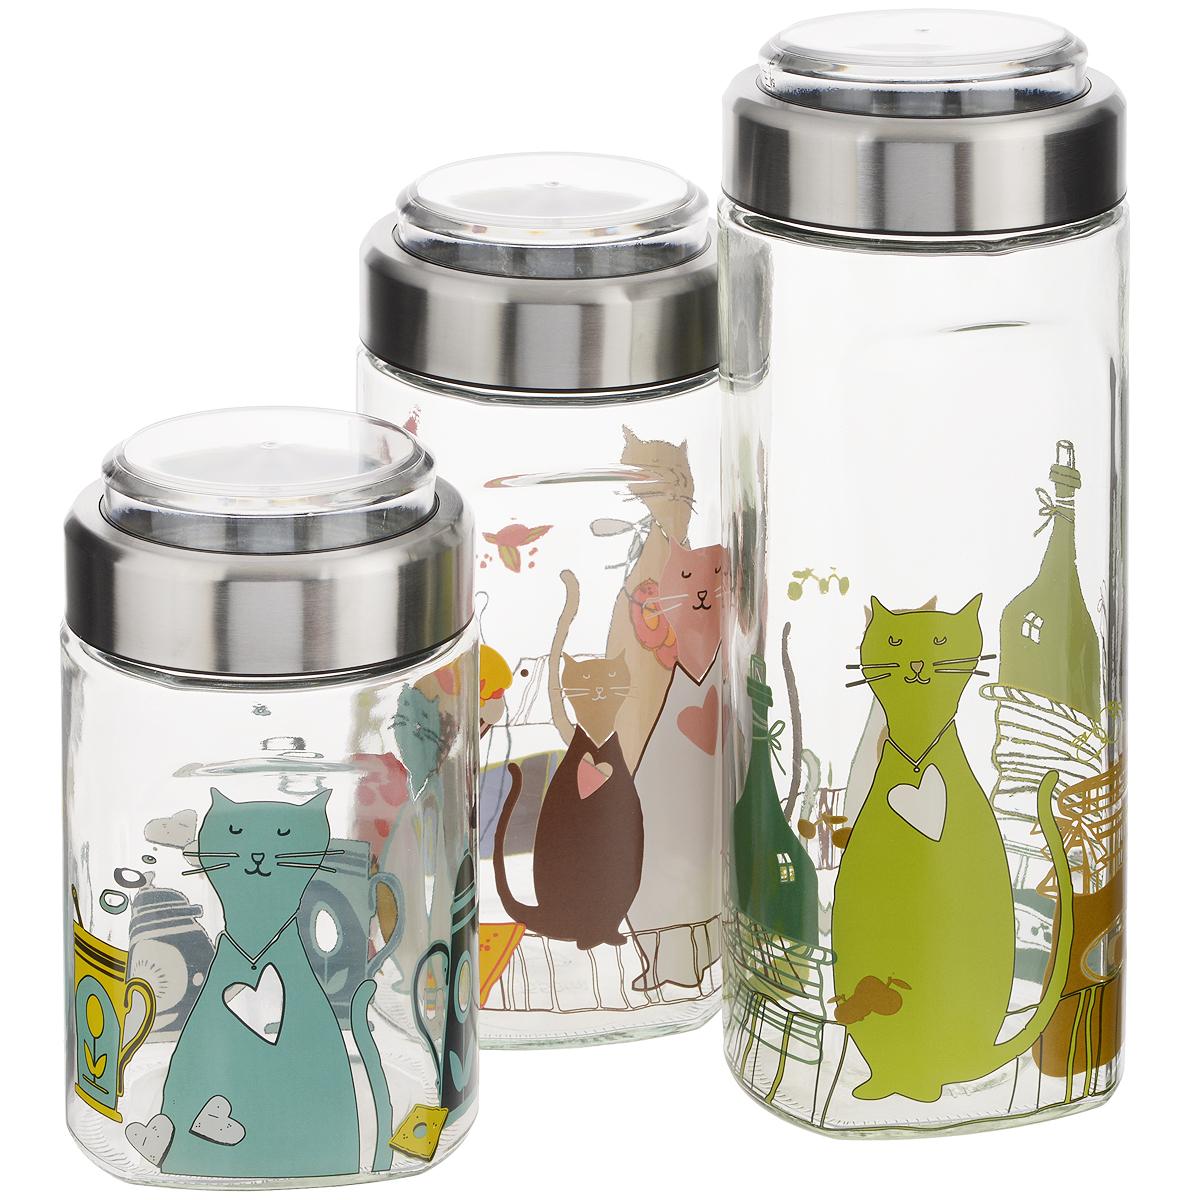 Набор банок для сыпучих продуктов Sinoglass Cats, 3 шт9740AC30Набор Sinoglass Cats состоит из трех банок разного объема, предназначенных для хранения сыпучих продуктов. Изделия выполнены из высококачественного стекла, украшенного красочной деколью с изображением котов. Банки имеют эргономичную форму и специальные выемки для удобного захвата. Металлические крышки снабжены прозрачными пластиковыми емкостями с мерной шкалой до 200 мл, которые легко вынимаются и могут быть использованы как мерные стаканы. Между емкостью и крышкой имеется силиконовая прослойка, которая создает внутри вакуум и позволяет продуктам дольше оставаться свежими, а также предотвращает попадание влаги. Банки идеальны для хранения круп, спагетти, чая, кофе, сахара, орехов и других сыпучих продуктов. Благодаря прозрачным стенкам, можно видеть содержимое банок. Такой набор стильно дополнит интерьер кухни и станет незаменимым помощником в приготовлении ваших любимых блюд. Объем: 1150 мл; 1550 мл; 2000 мл. Высота банок (с...